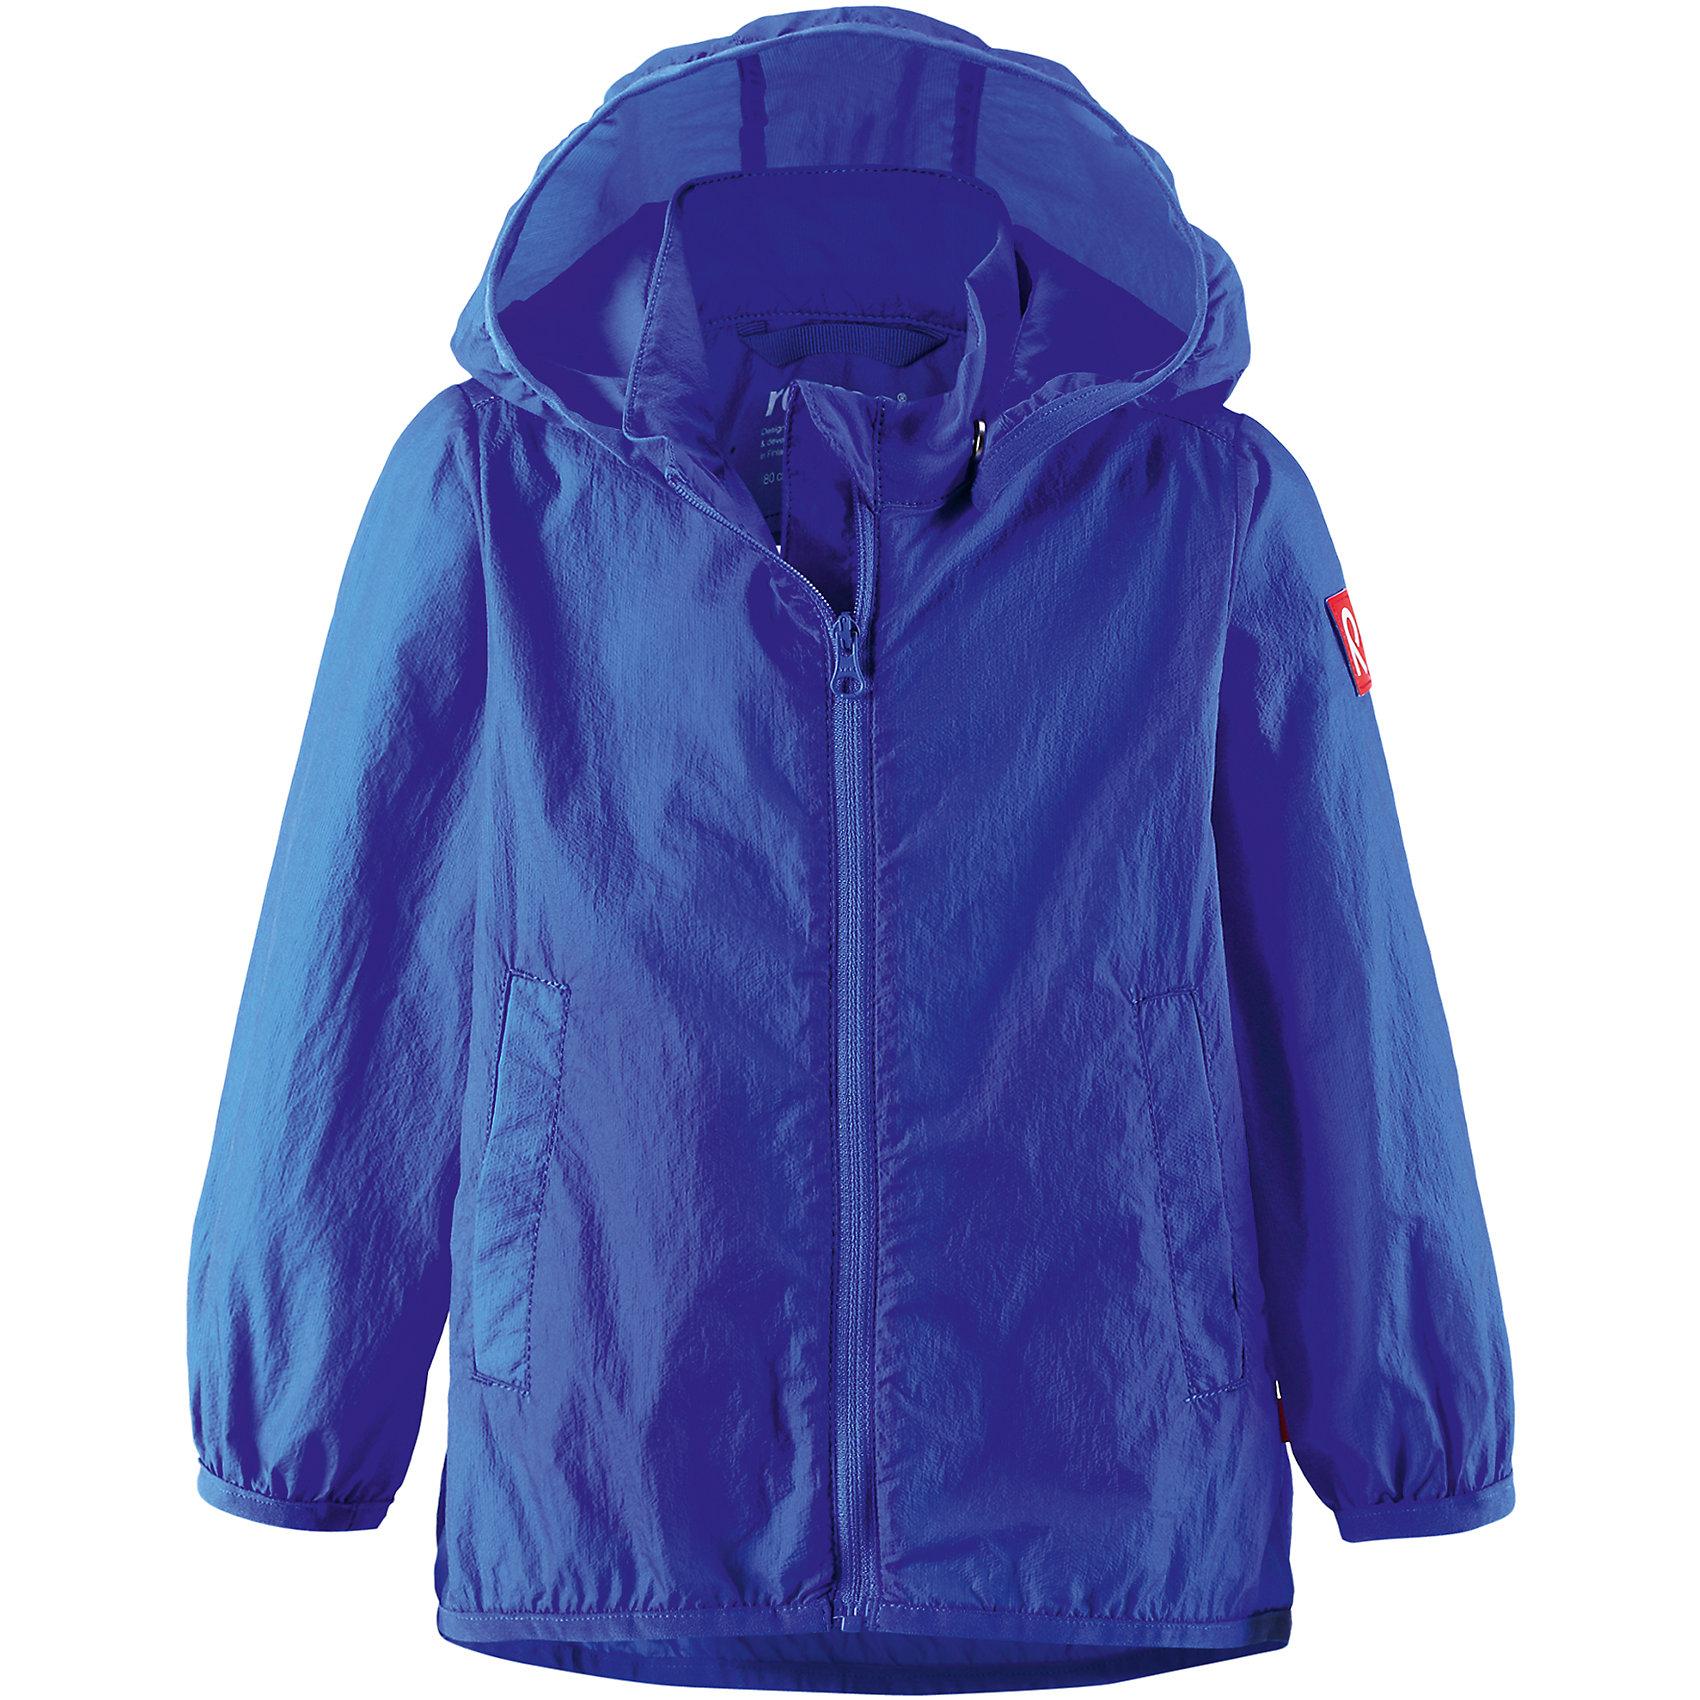 Куртка ReimaОдежда<br>Куртка Reima (Рейма), синий от известного финского производителя  детской одежды Reima. Легкая куртка для девочки выполнена из полиамида, который обладает высокой износоустойчивостью, воздухопроницаемыми, водооталкивающими и грязеотталкивающими свойствами. Изделие устойчиво к изменению формы и цвета даже при длительном использовании. Куртка имеет классическую форму: прямой силуэт с удлиненной спинкой, застежка-молния с защитой у подбородка, капюшон, боковые втачные карманы и окантовка на рукавах и по низу изделия. Куртка имеет полиуретановое покрытие, что делает ее непромокаемой даже в дождливую погоду.    <br><br>Дополнительная информация:<br><br>- Предназначение: повседневная одежда для прогулок и активного отдыха<br>- Цвет: синий<br>- Пол: для мальчика<br>- Состав: 100% полиамид, полиуретановое покрытие<br>- Сезон: весна-осень<br>- Особенности ухода: стирать изделие, предварительно вывернув его на левую сторону, не использовать отбеливающие вещества<br><br>Подробнее:<br><br>• Для детей в возрасте: от 2 лет и до 3 лет<br>• Страна производитель: Китай<br>• Торговый бренд: Reima, Финляндия<br><br>Куртку Reima (Рейма), синий можно купить в нашем интернет-магазине.<br><br>Ширина мм: 356<br>Глубина мм: 10<br>Высота мм: 245<br>Вес г: 519<br>Возраст от месяцев: 18<br>Возраст до месяцев: 24<br>Пол: Унисекс<br>Возраст: Детский<br>Размер: 92,98,86<br>SKU: 4863928